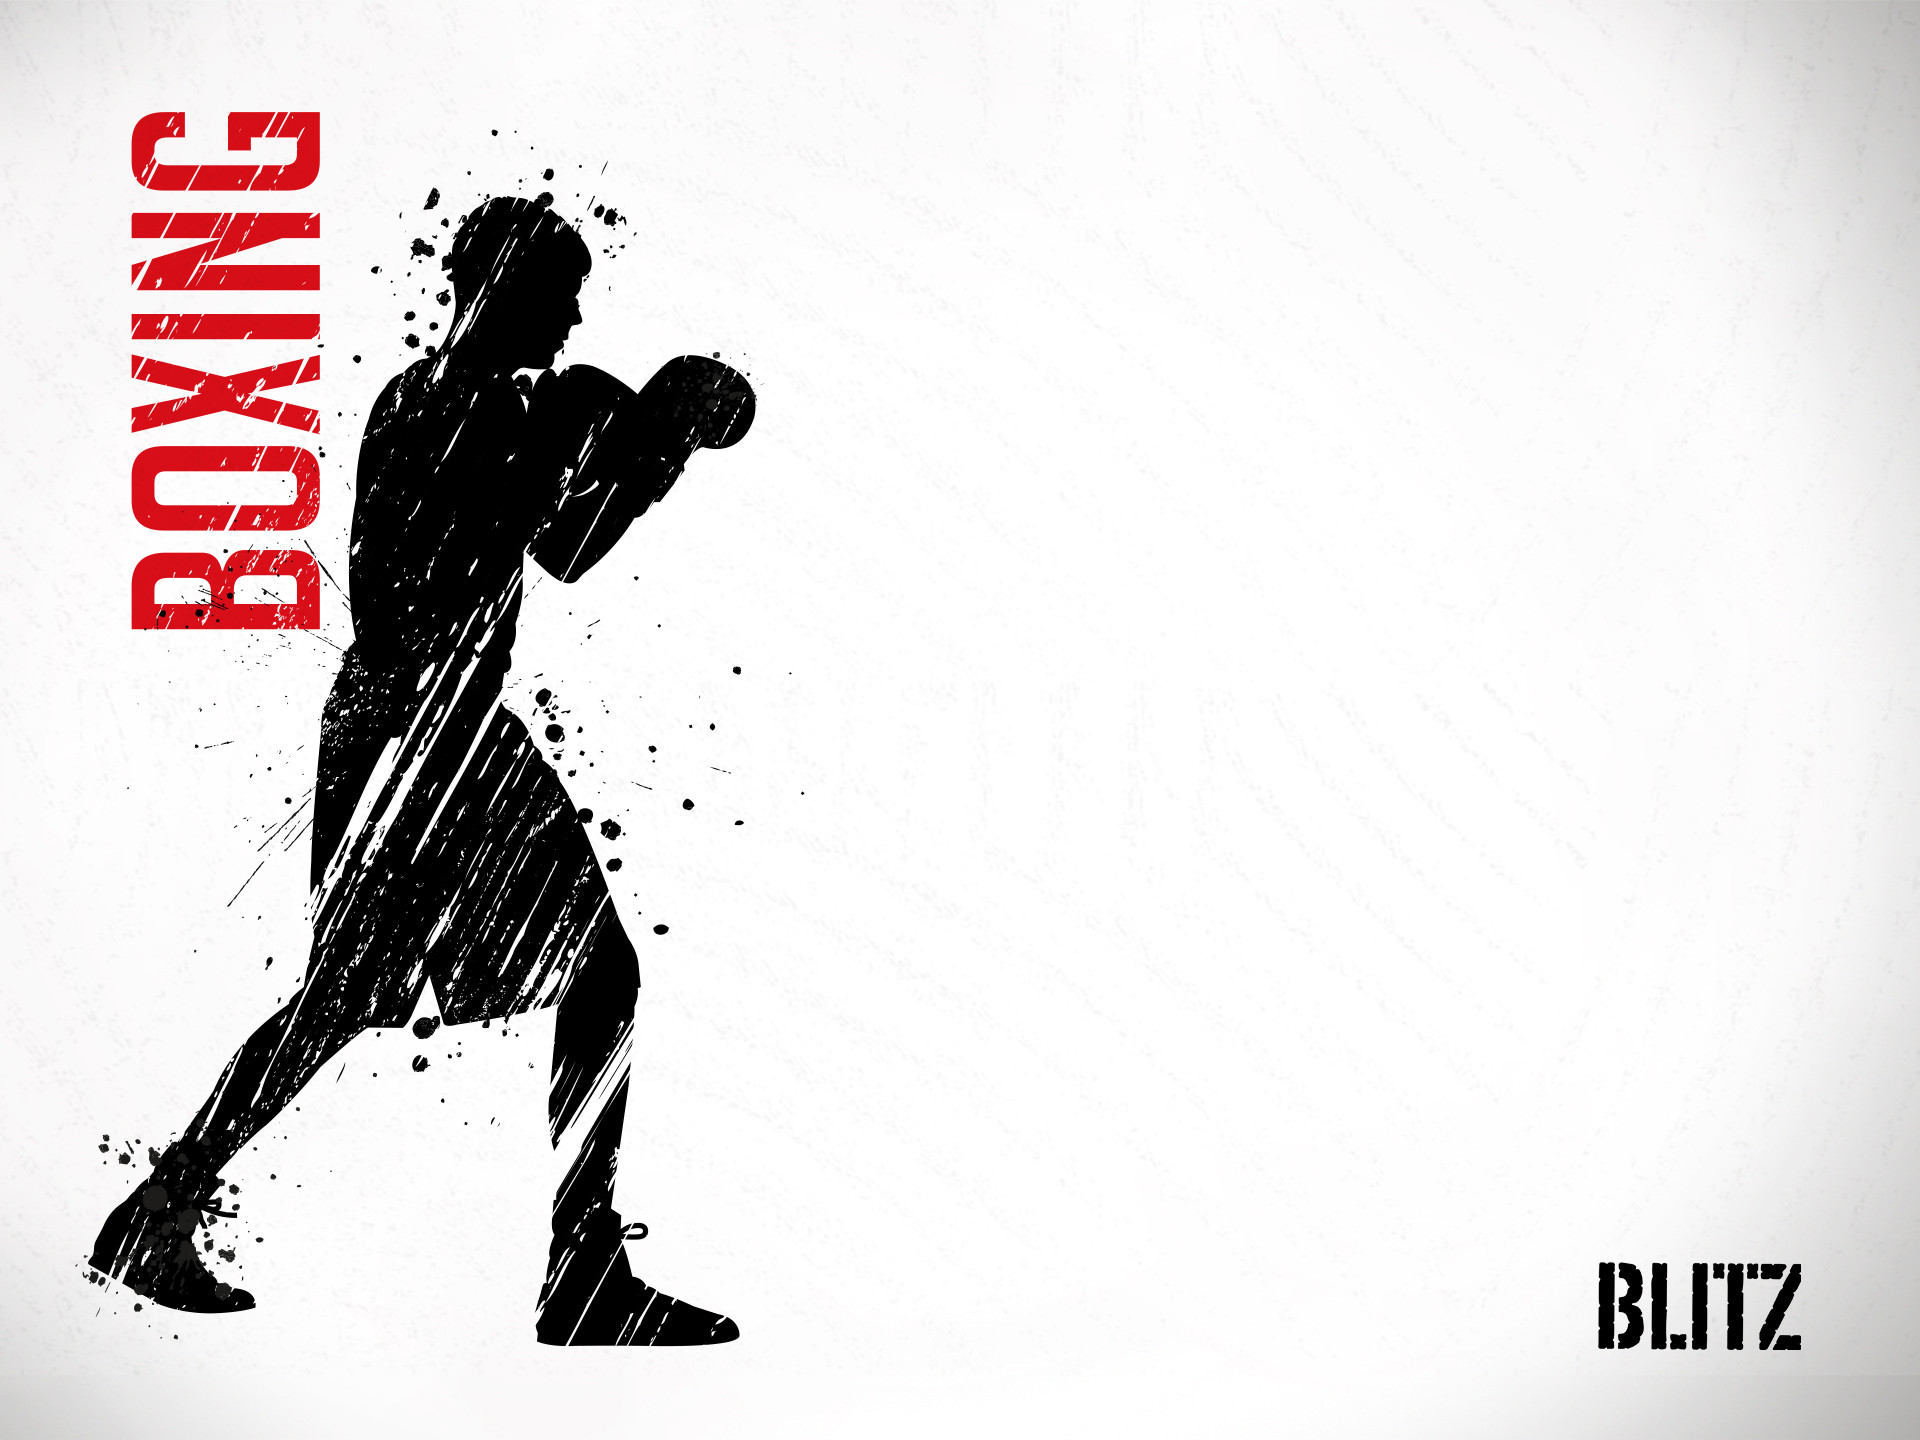 Blitz Boxing Wallpaper (1920 x 1440)